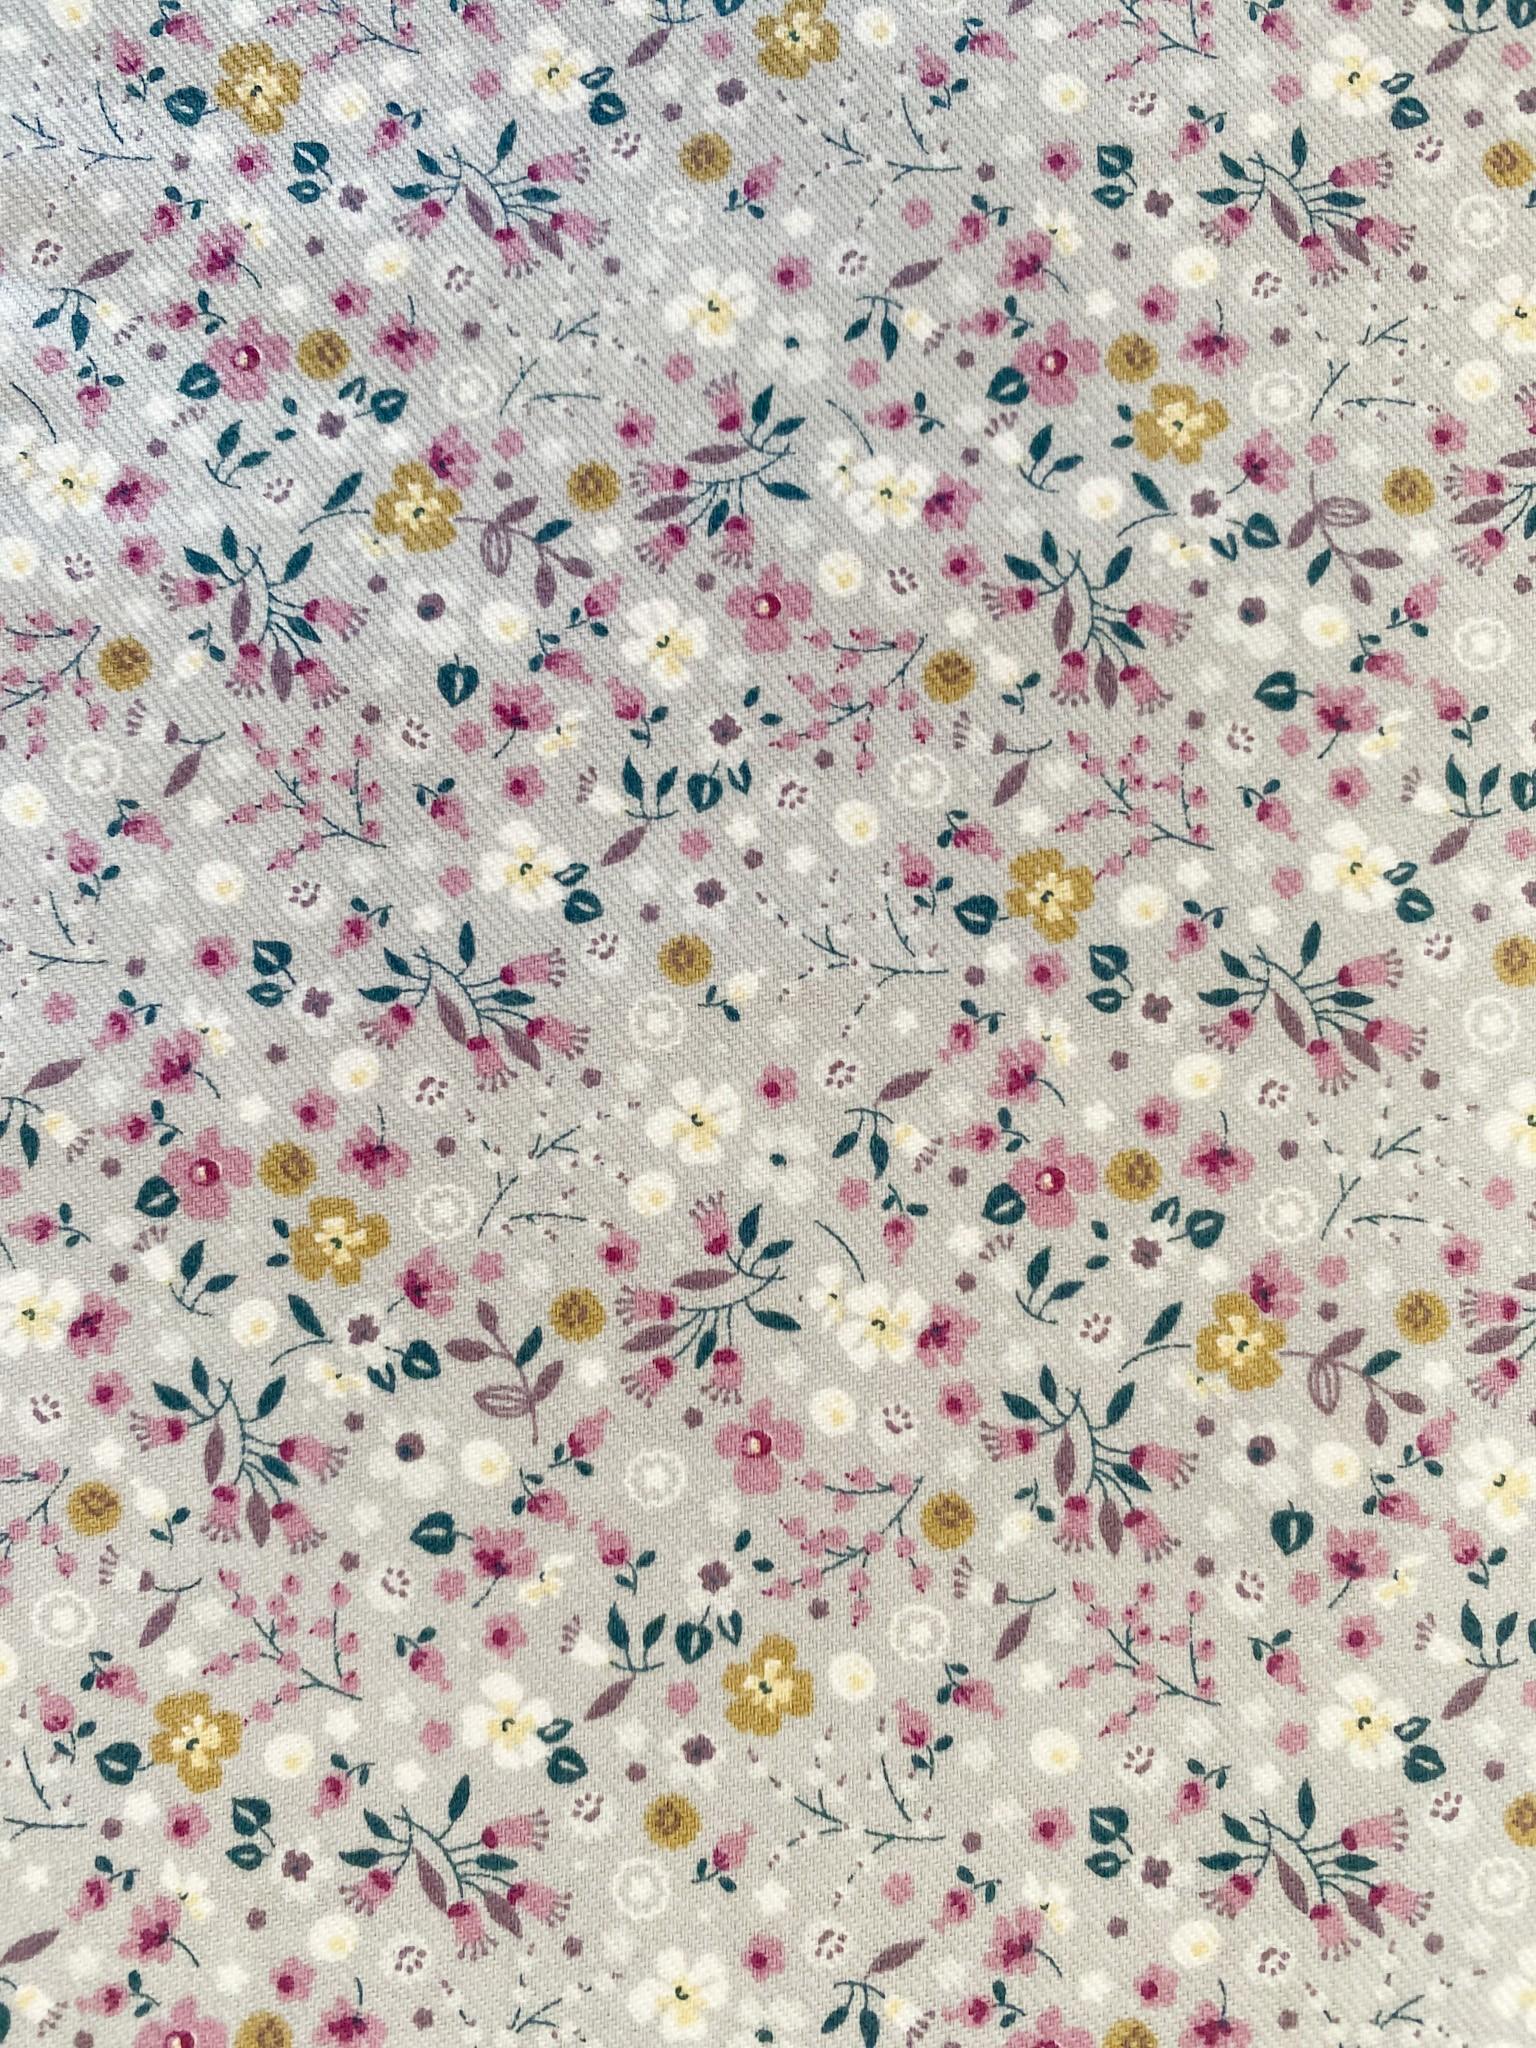 329 Flores malva fondo gris